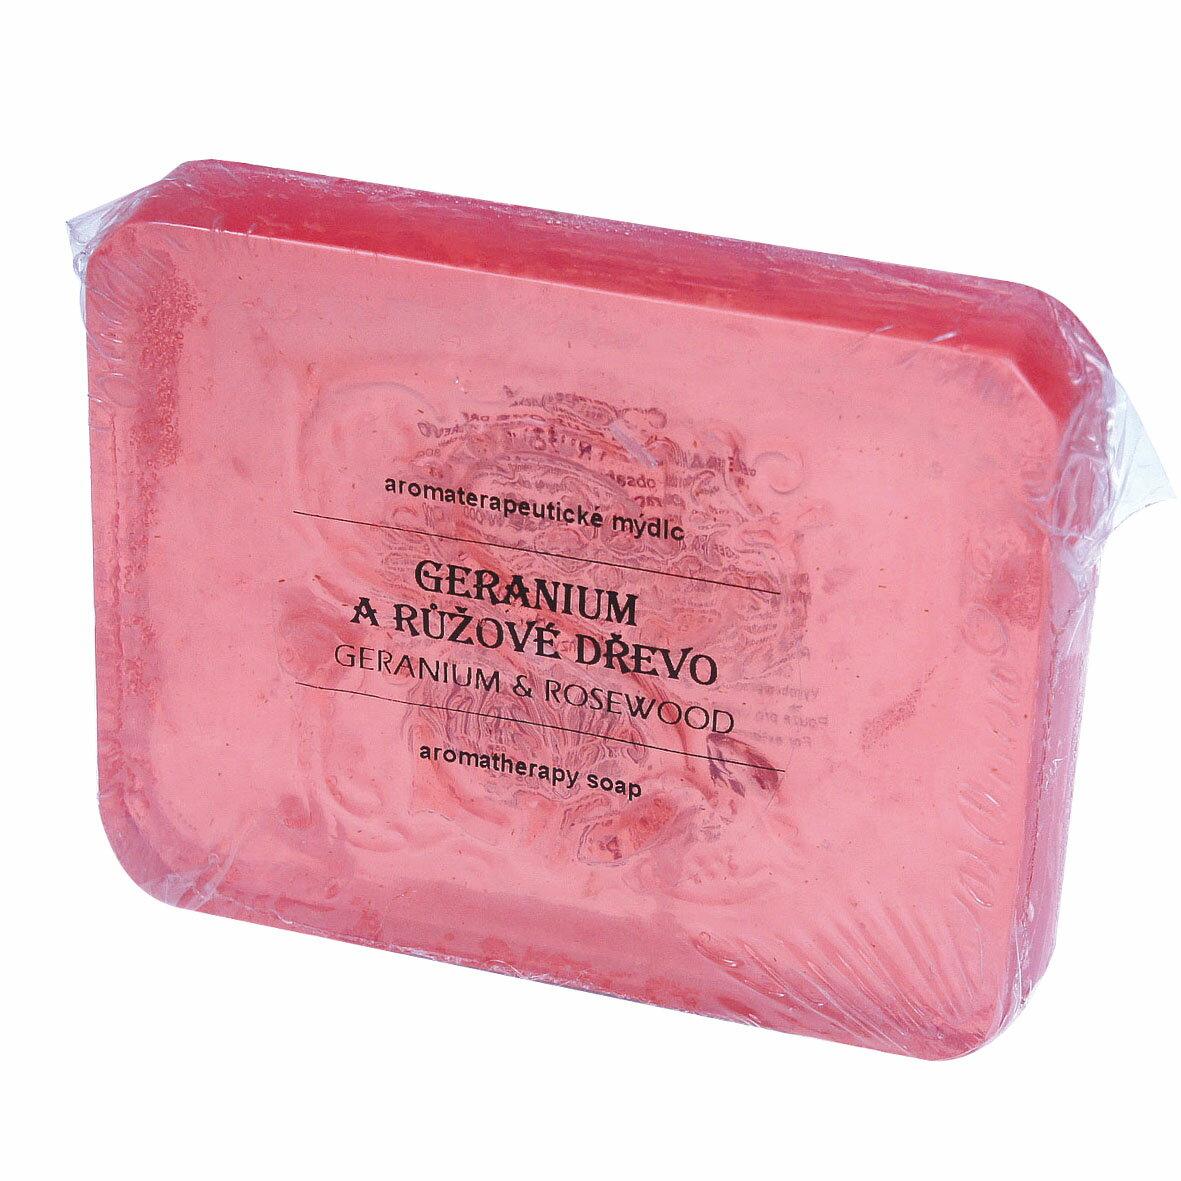 天竺葵&花梨木芳療透明皂80g*3